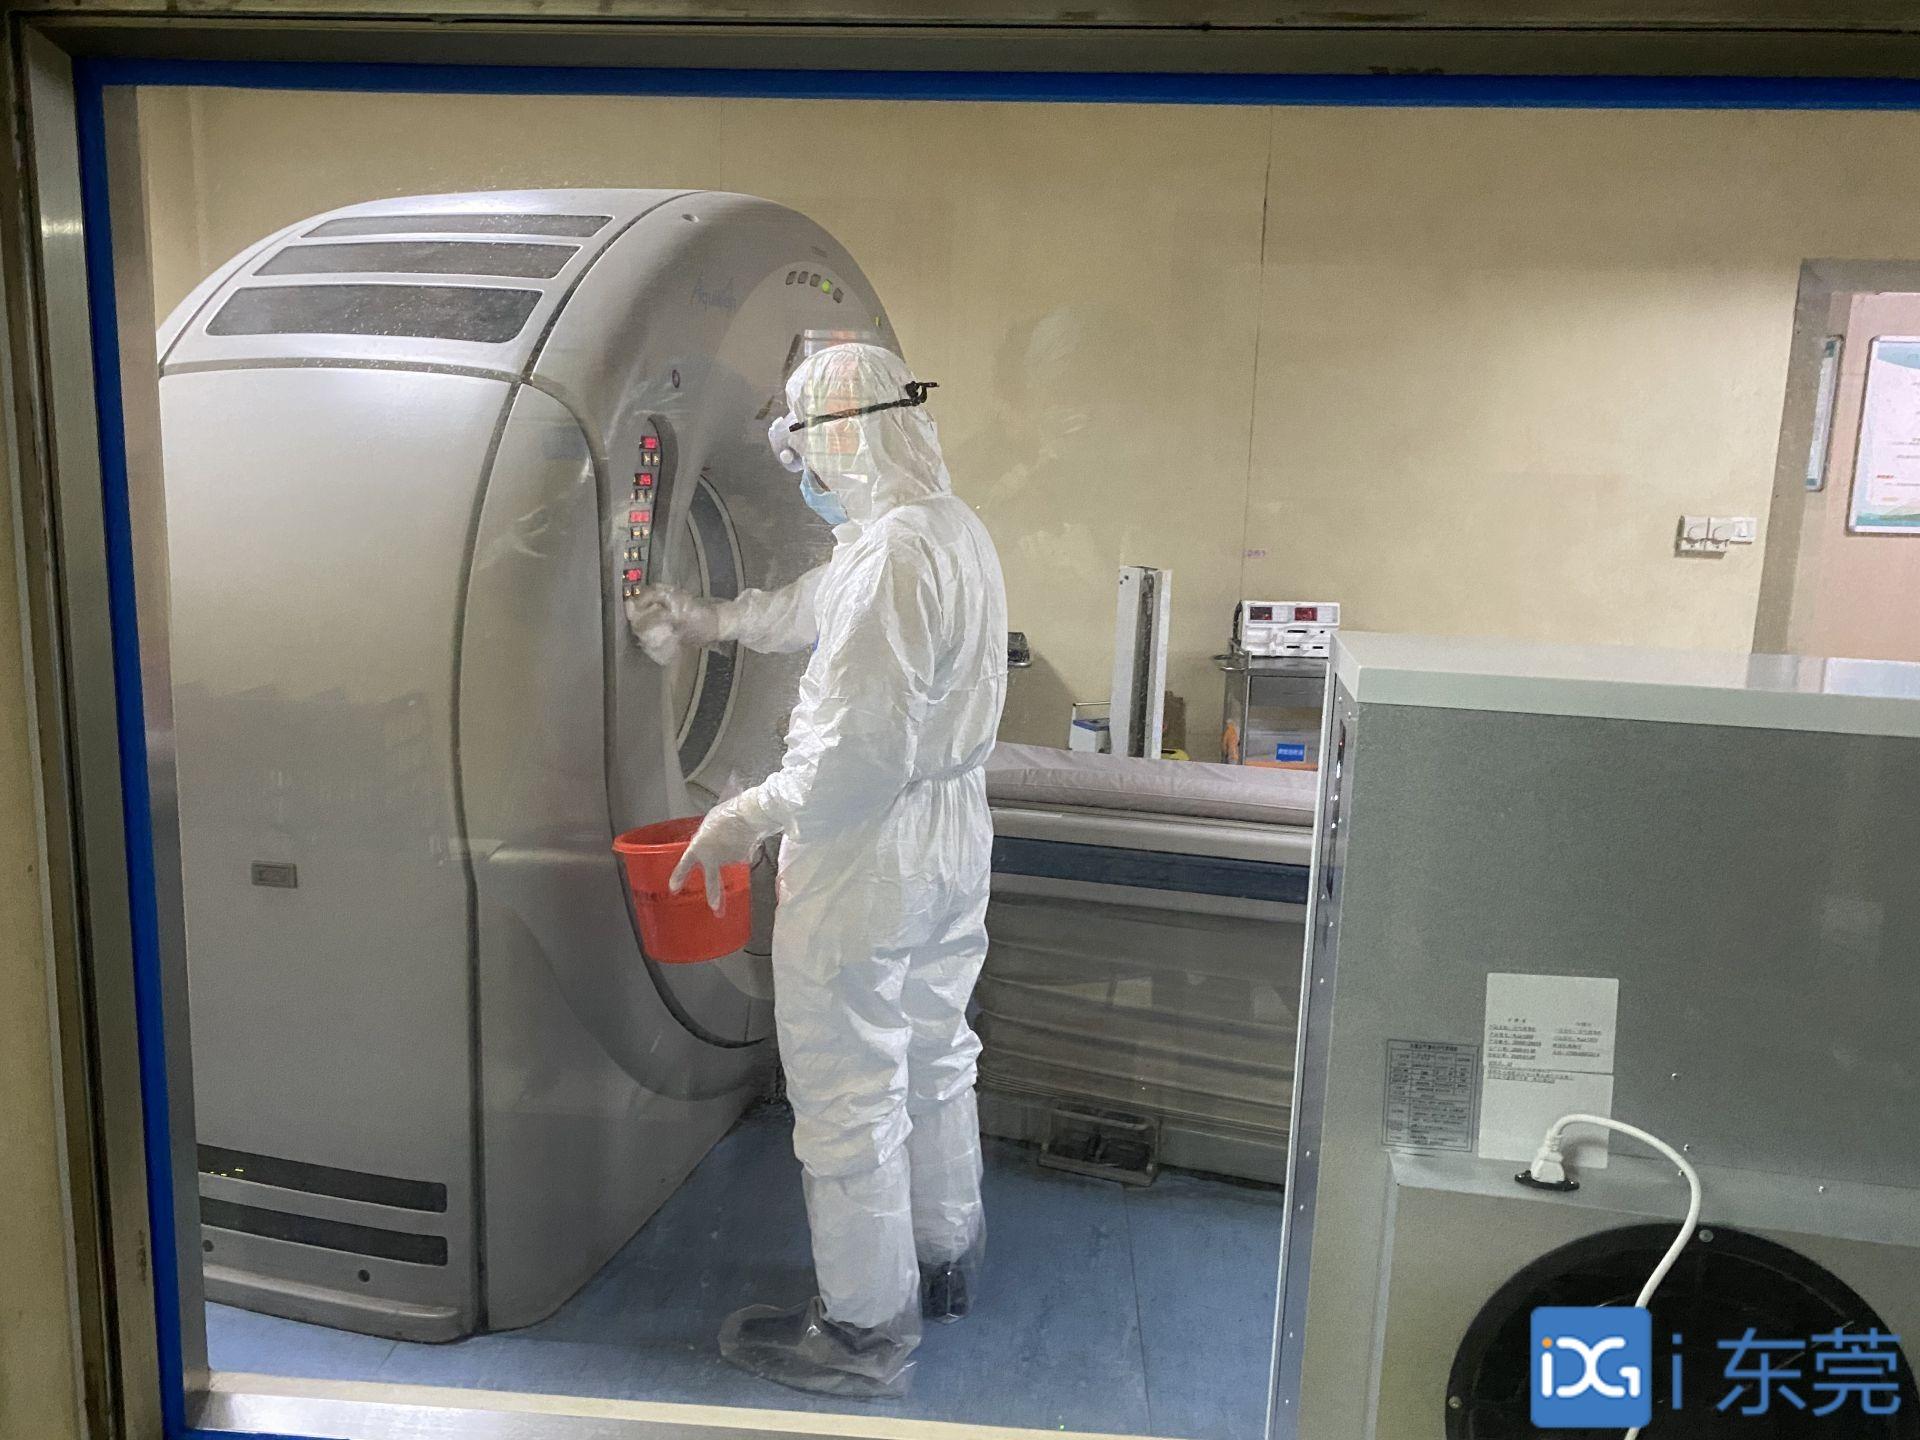 厚街医院放射科唐宇红:有疑似病人检查,他总是冲在最前面